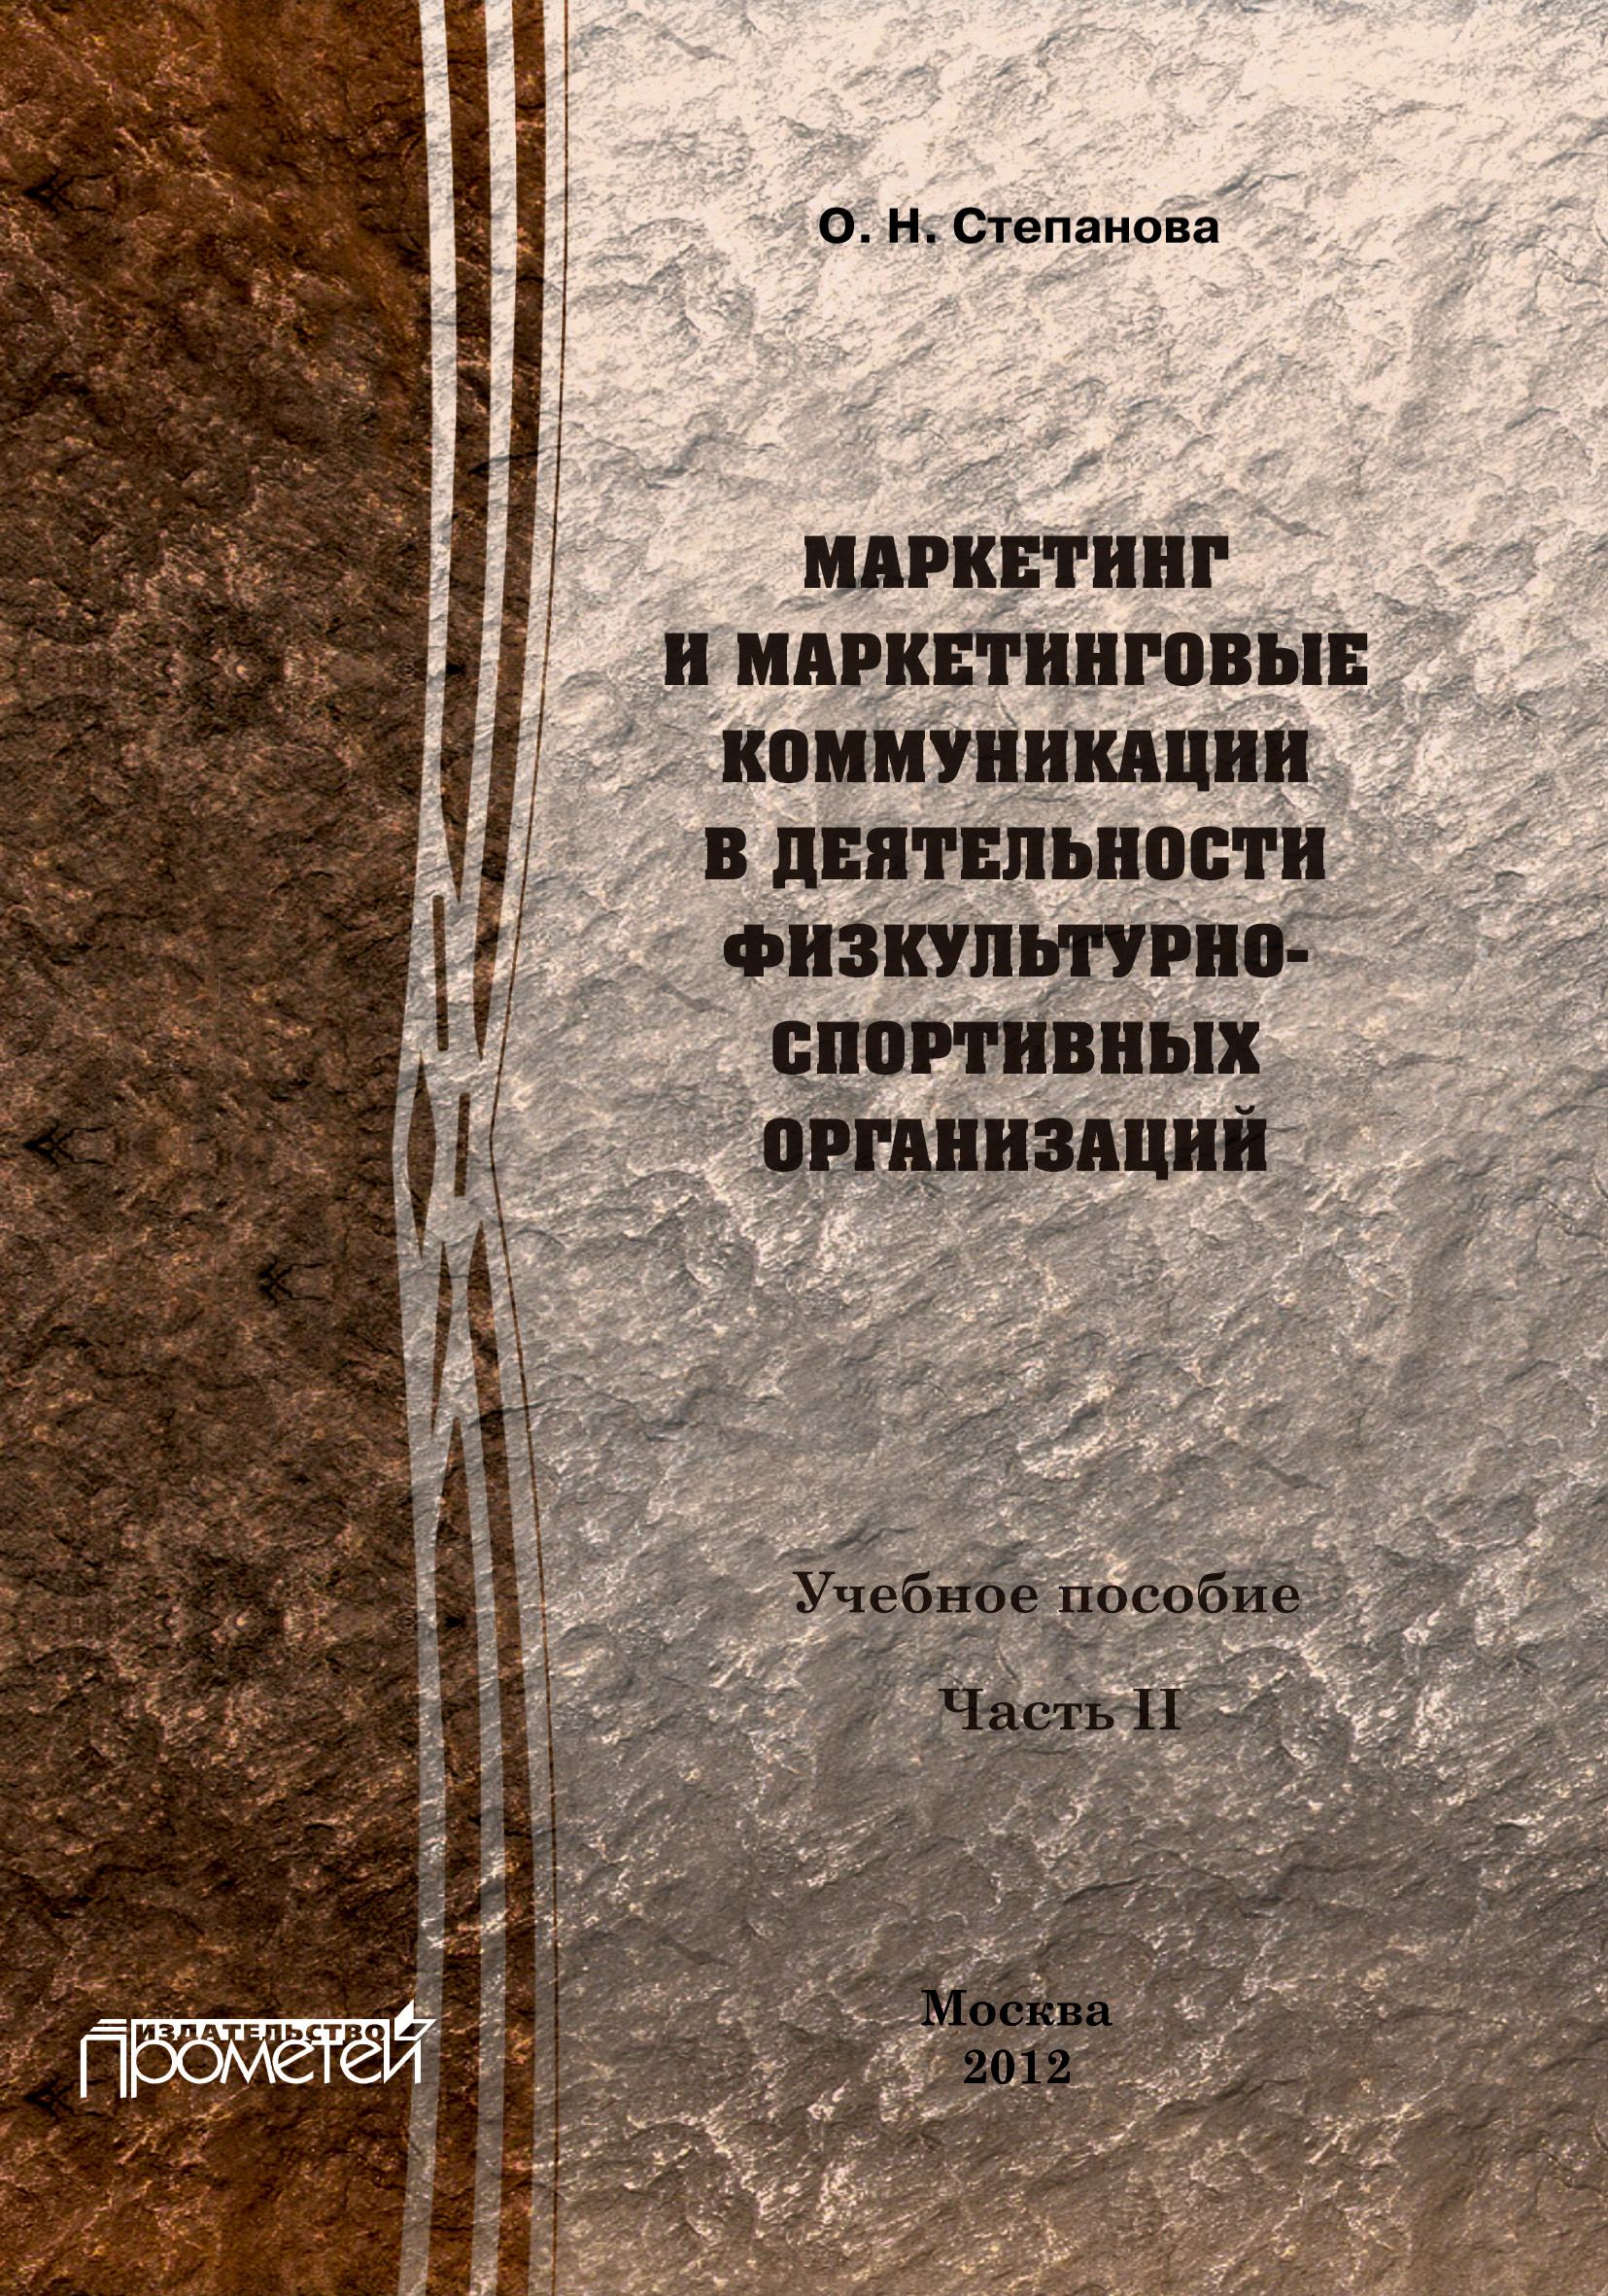 О. Н. Степанова Маркетинг и маркетинговые коммуникации в деятельности физкультурно-спортивных организаций. Часть II и в утехин о метауровне коммуникации в ходе совместной деятельности